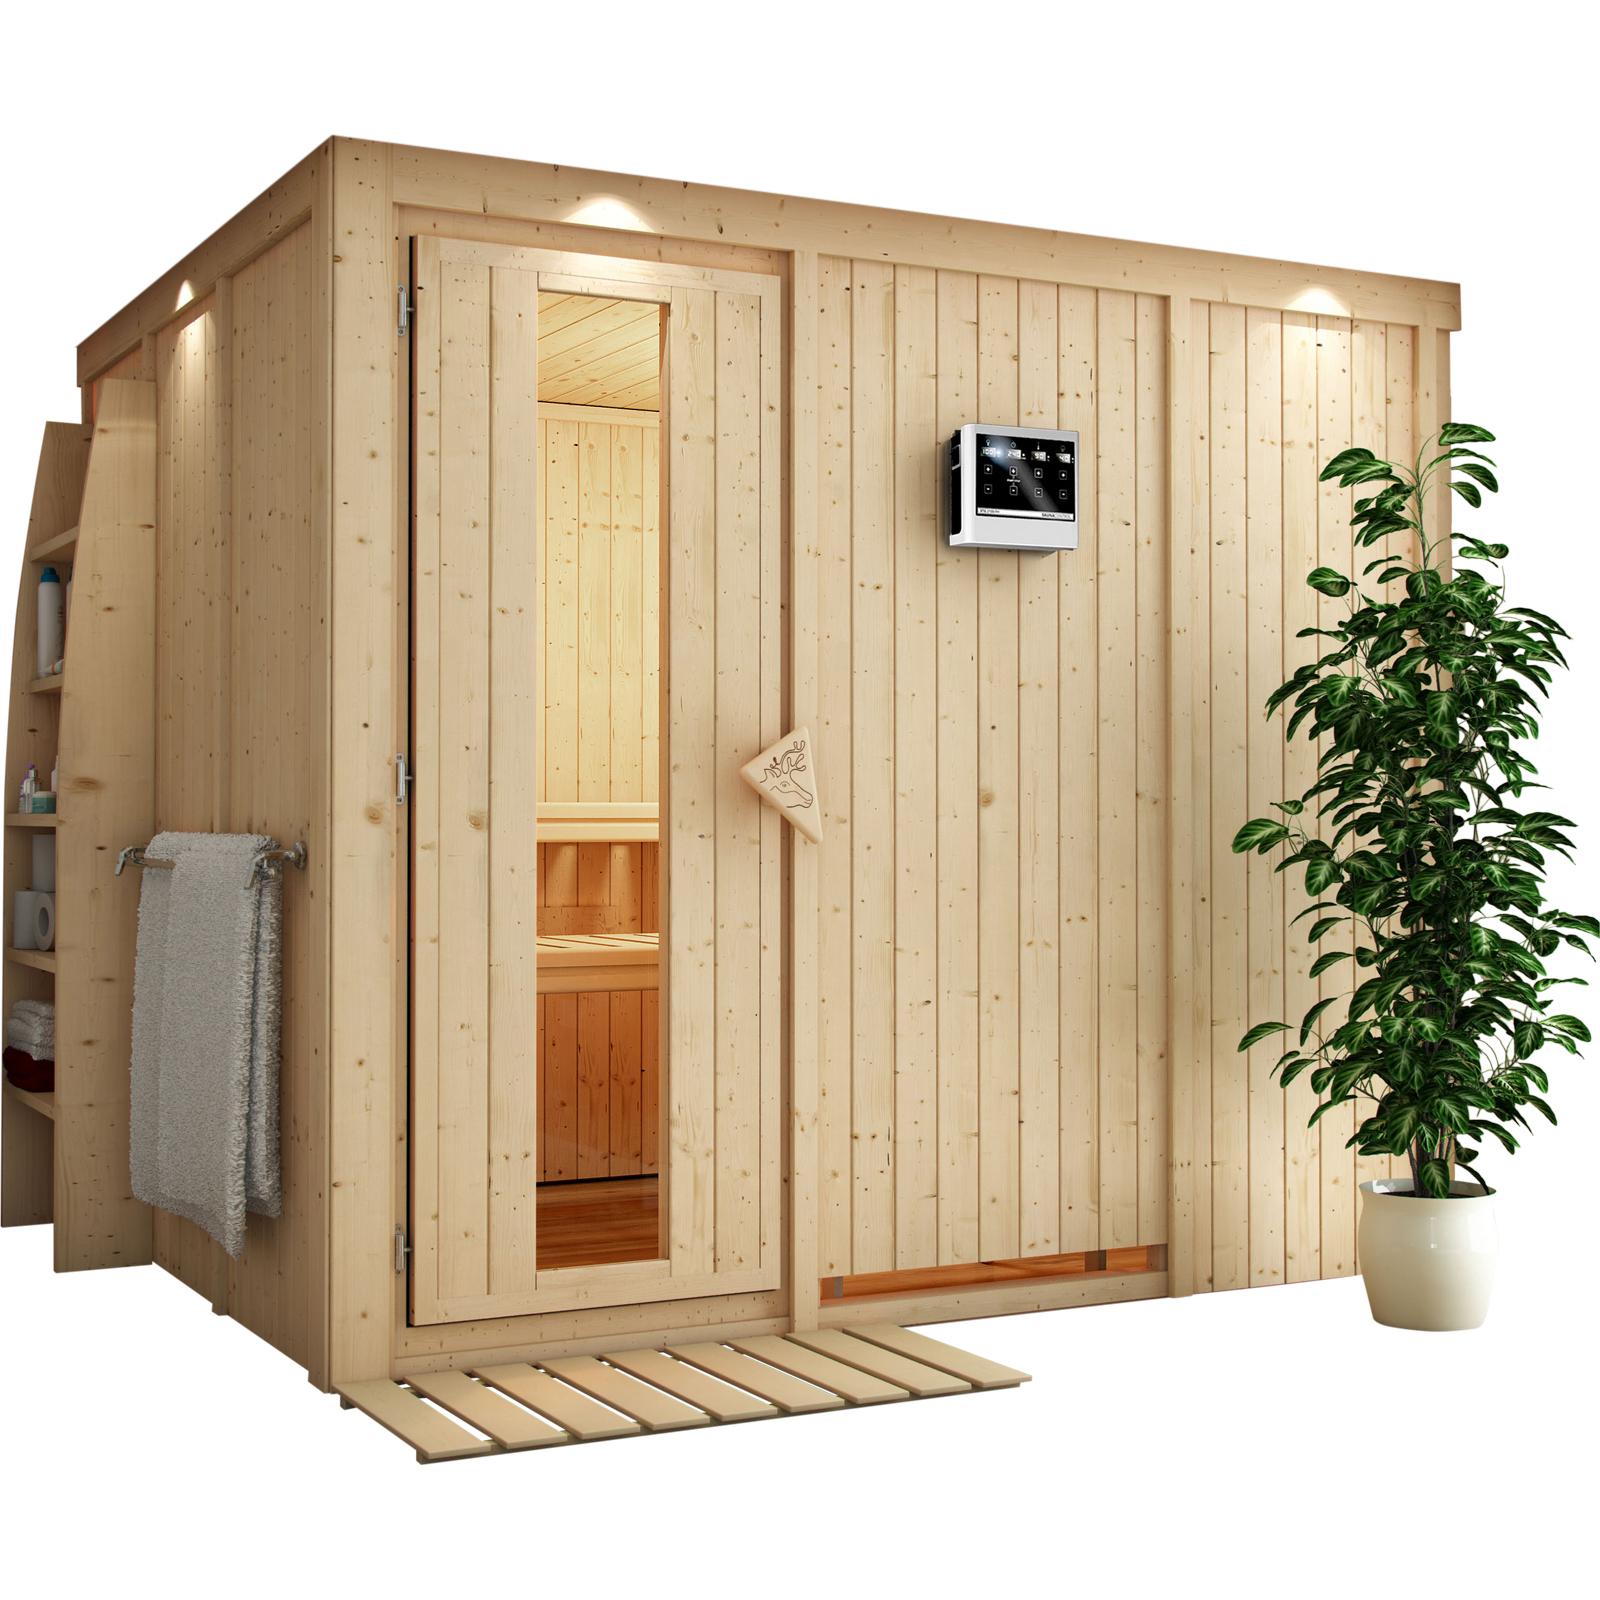 karibu sauna gobin 2 31 x 1 96 m 68 mm mit 9 kw ofen saunakabine elementsauna ebay. Black Bedroom Furniture Sets. Home Design Ideas